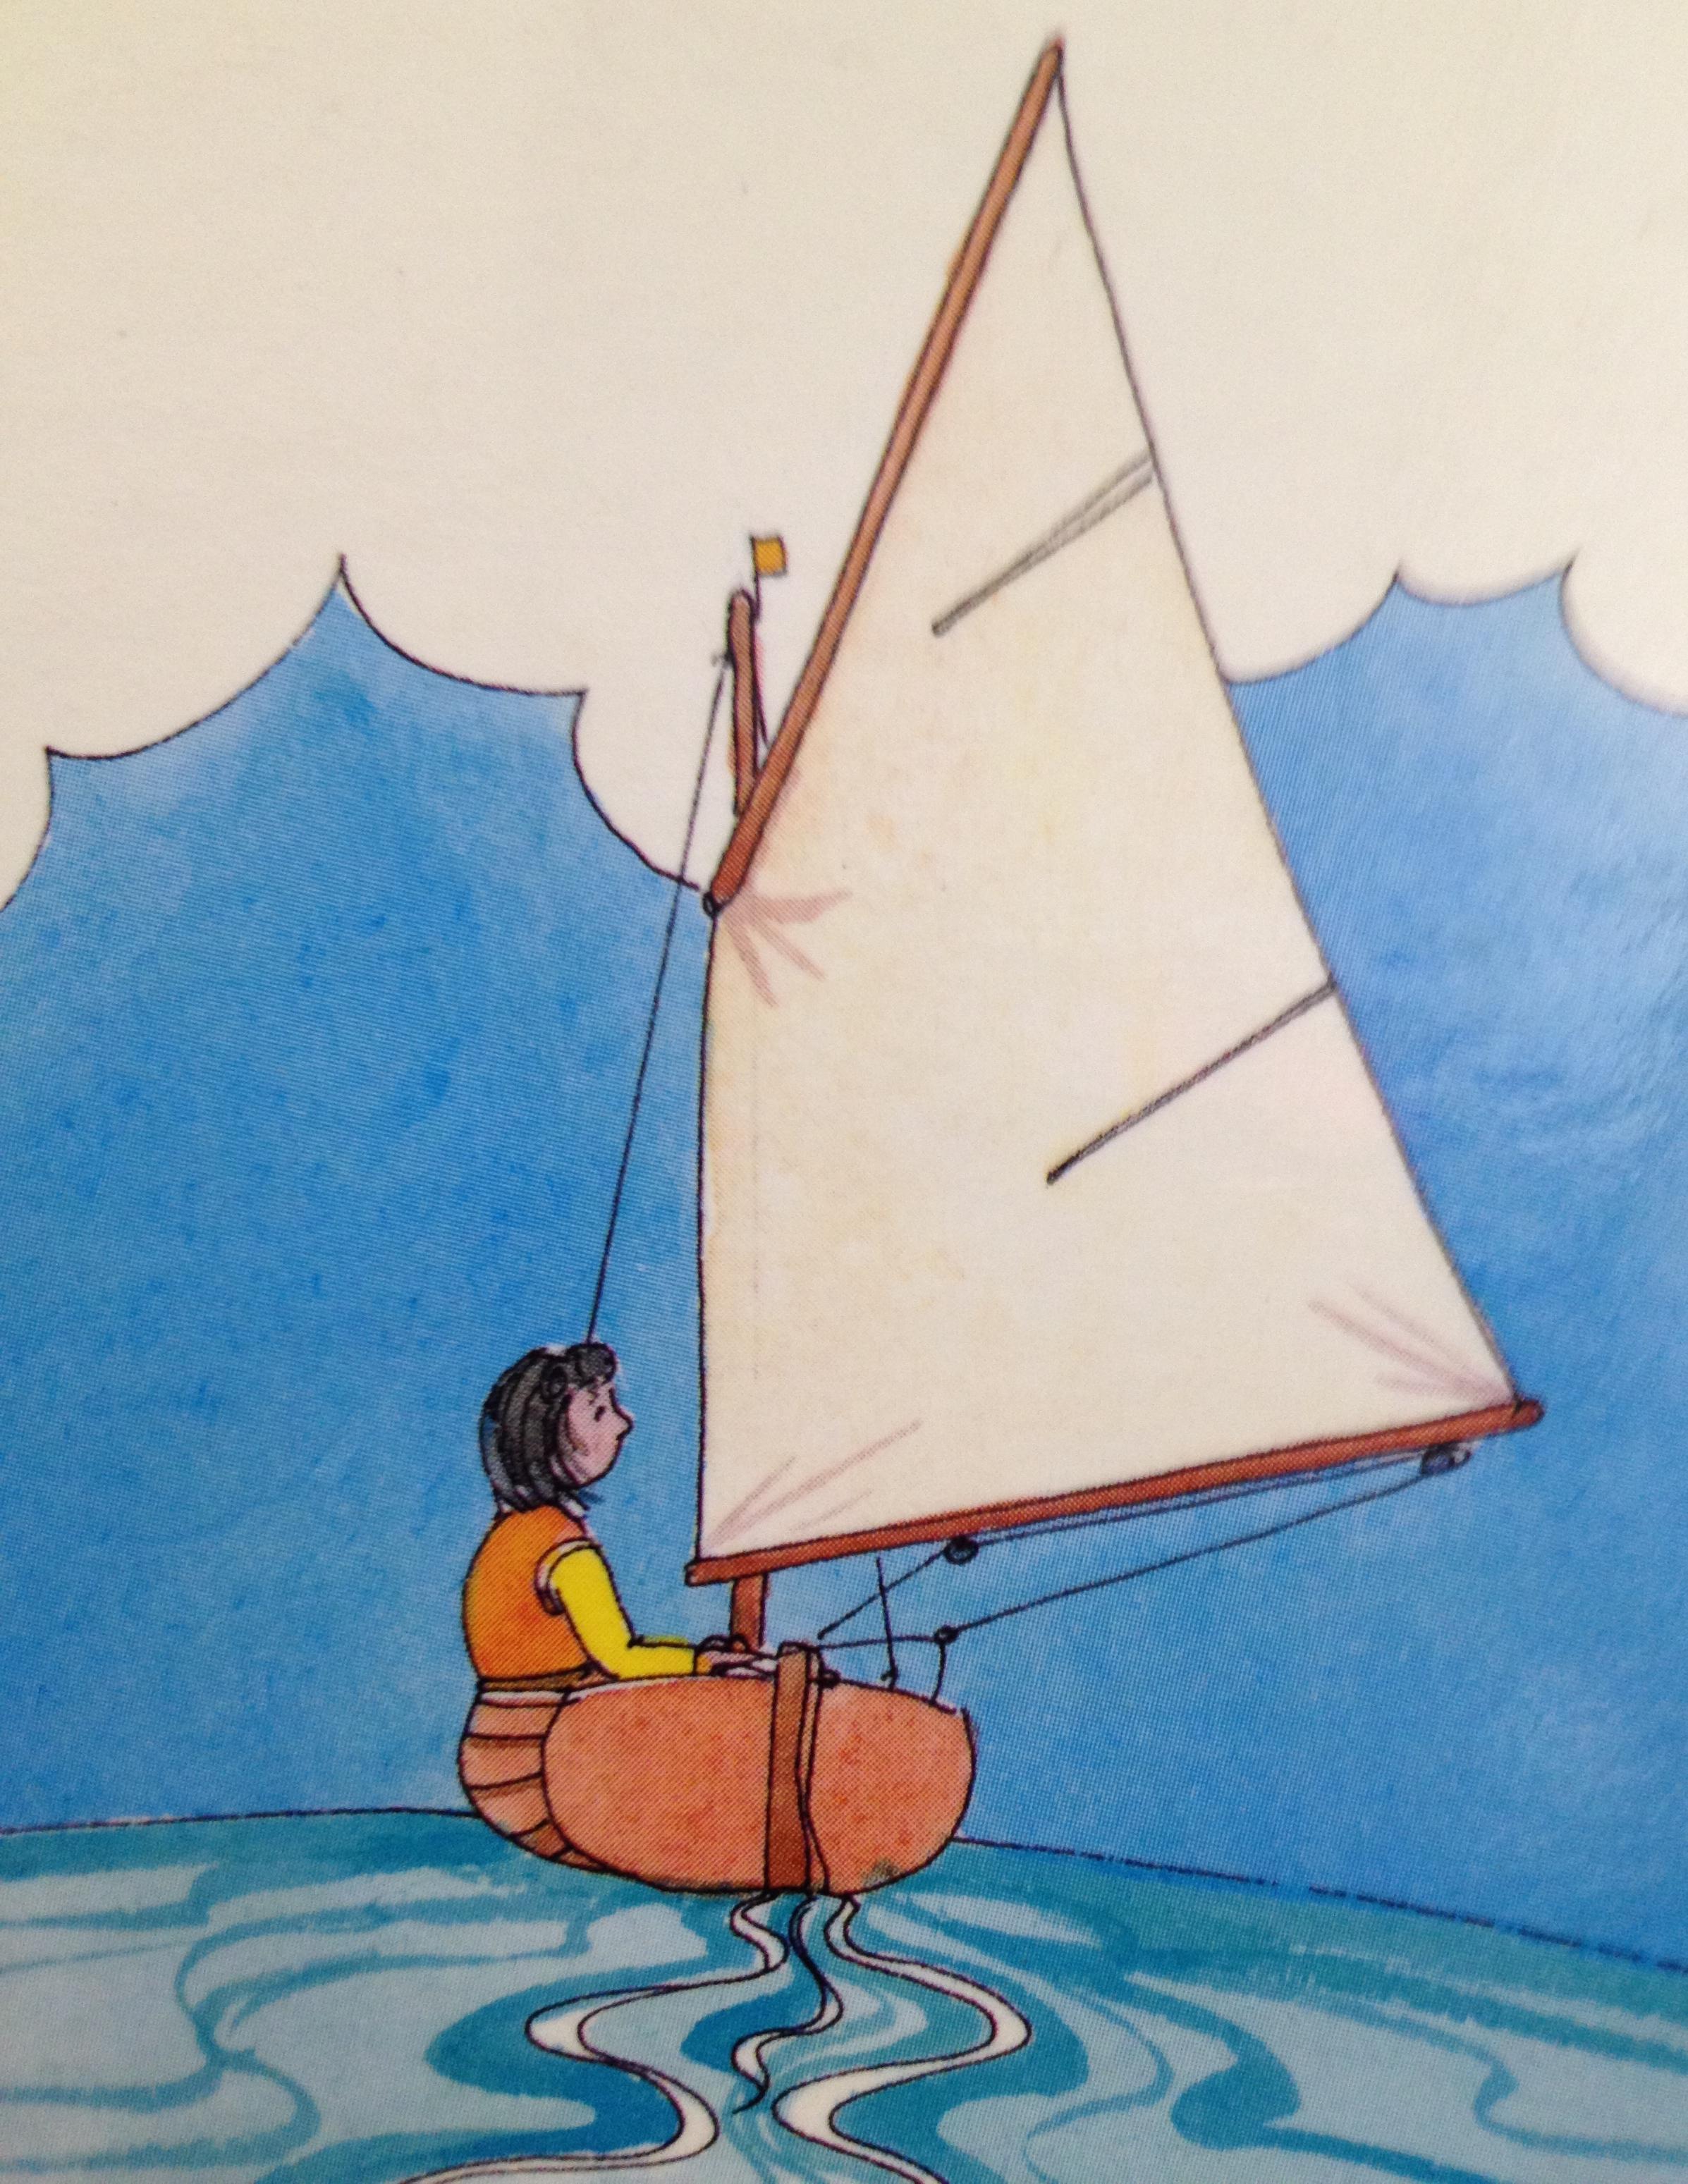 远航探索,进岸比赛,休闲放松 你是更喜欢远航探索、进岸比赛还是在船上休闲放松呢? 1b.jpg